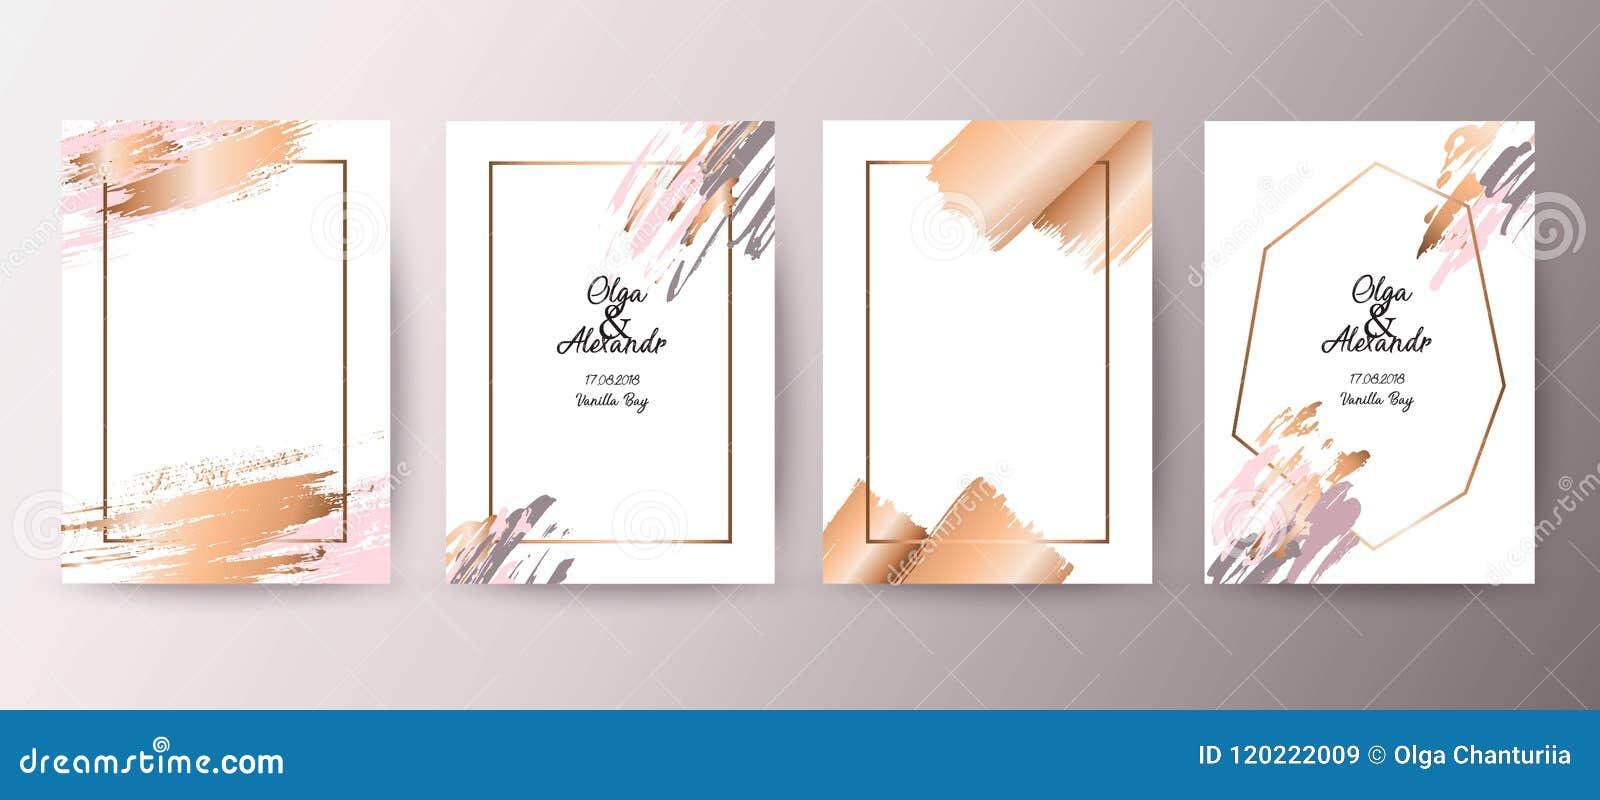 Χρυσό, ρόδινο φυλλάδιο, ιπτάμενο, πρόσκληση, κάρτα